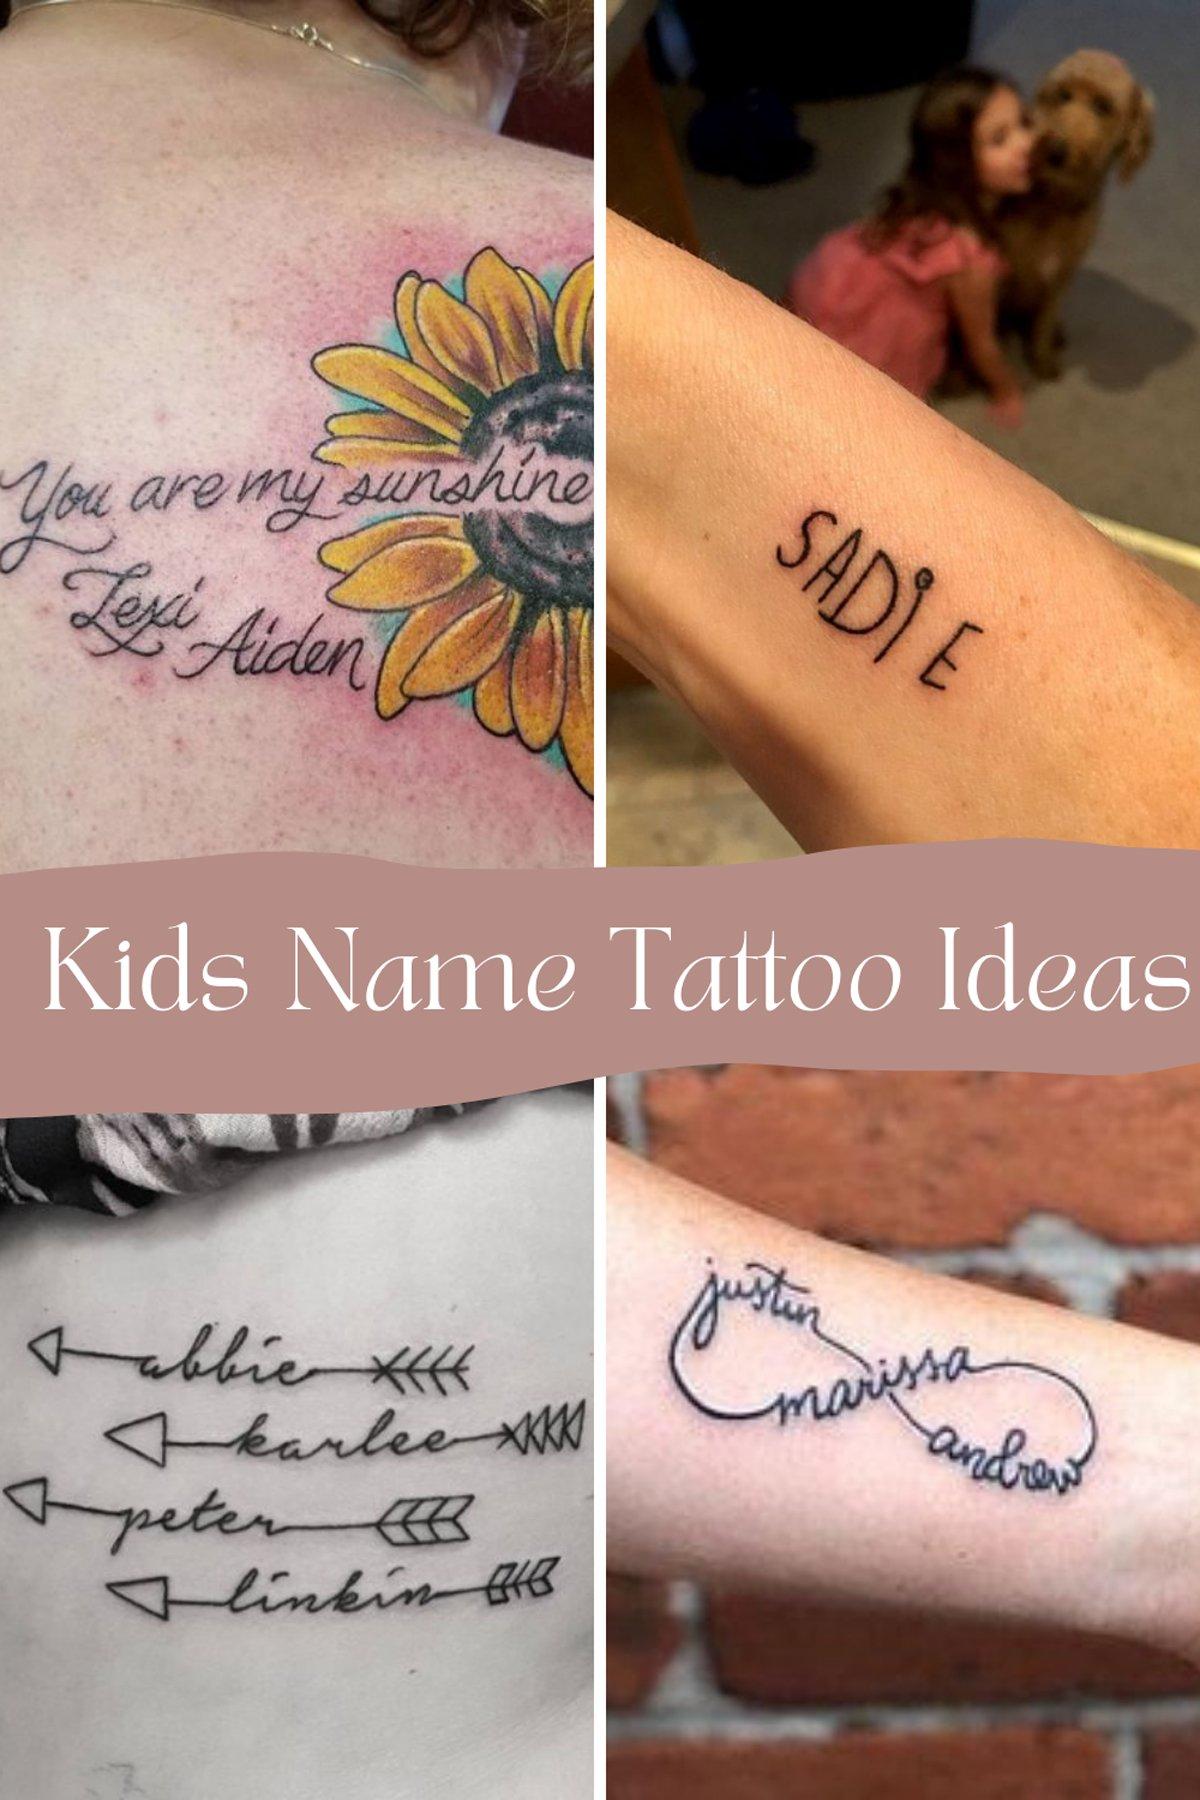 Kids Name Tattoo Ideas